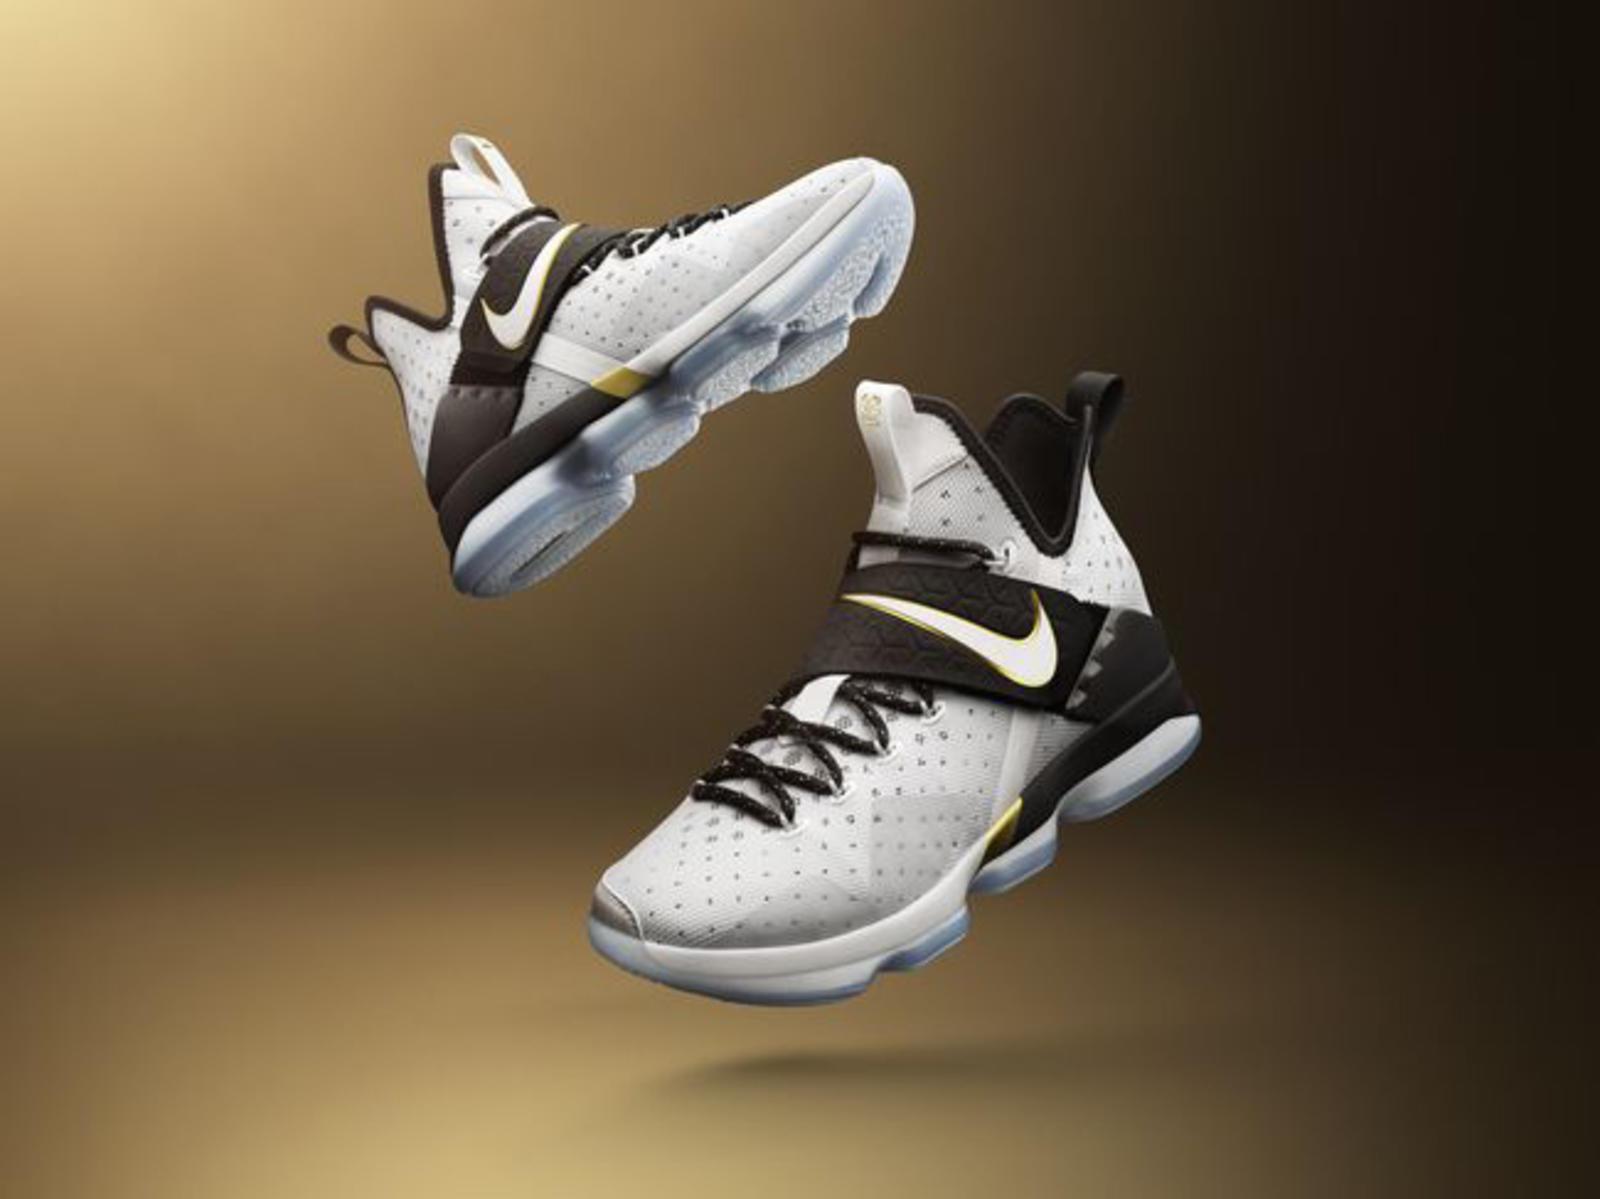 Nike LeBron 14 BHM